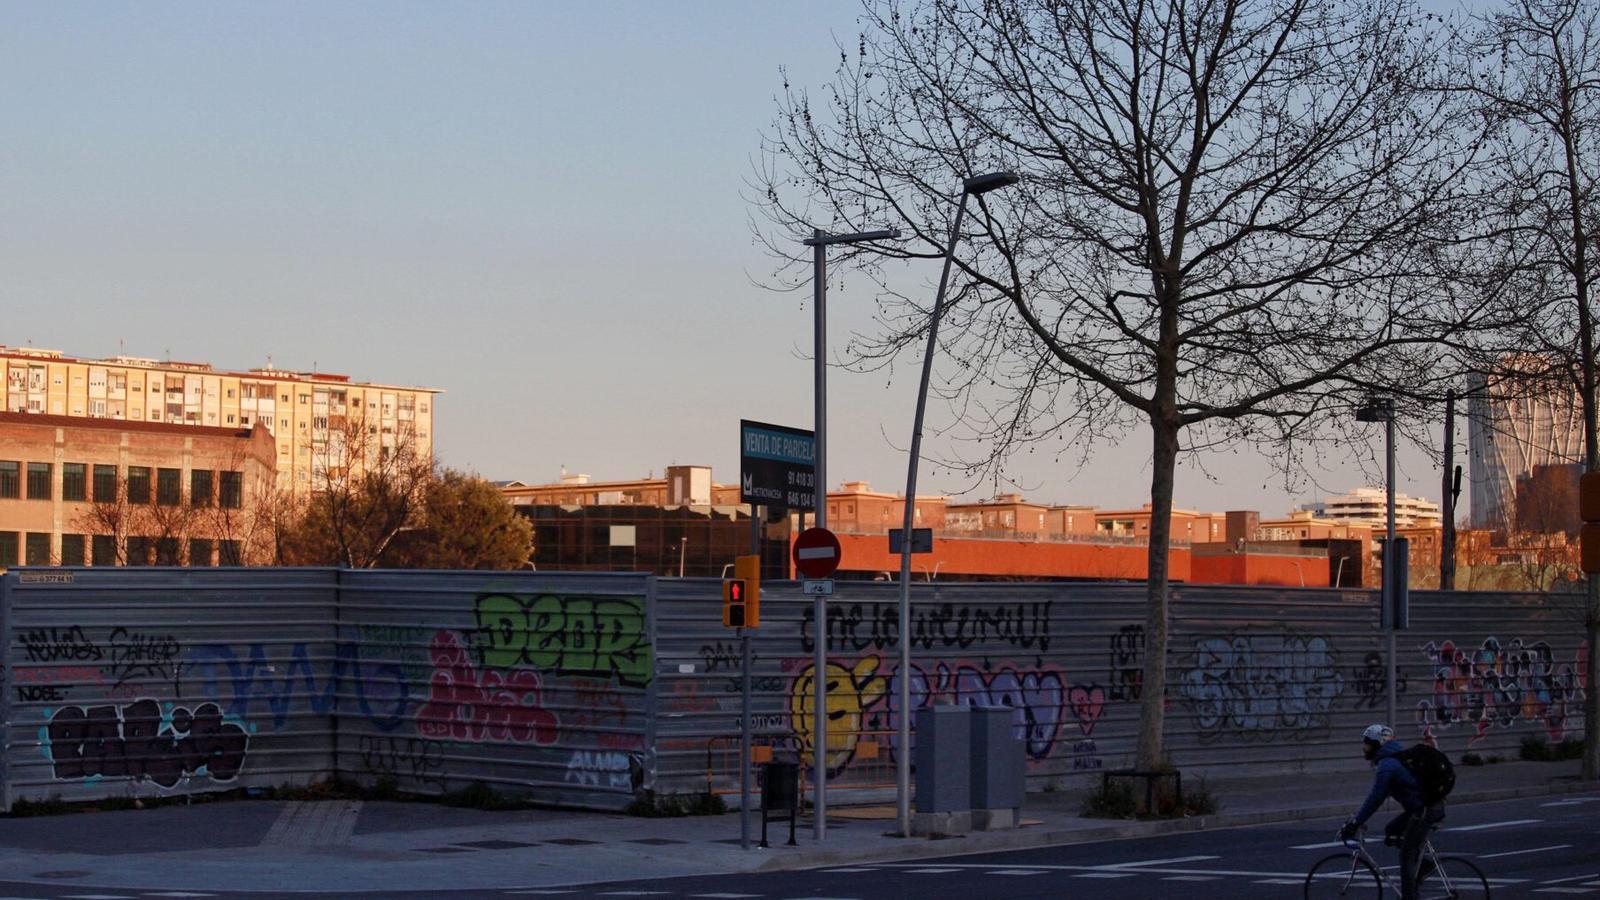 Solar amb suspenció de llicència d'obres del 22@ al barri del Poblenou de Barcelona